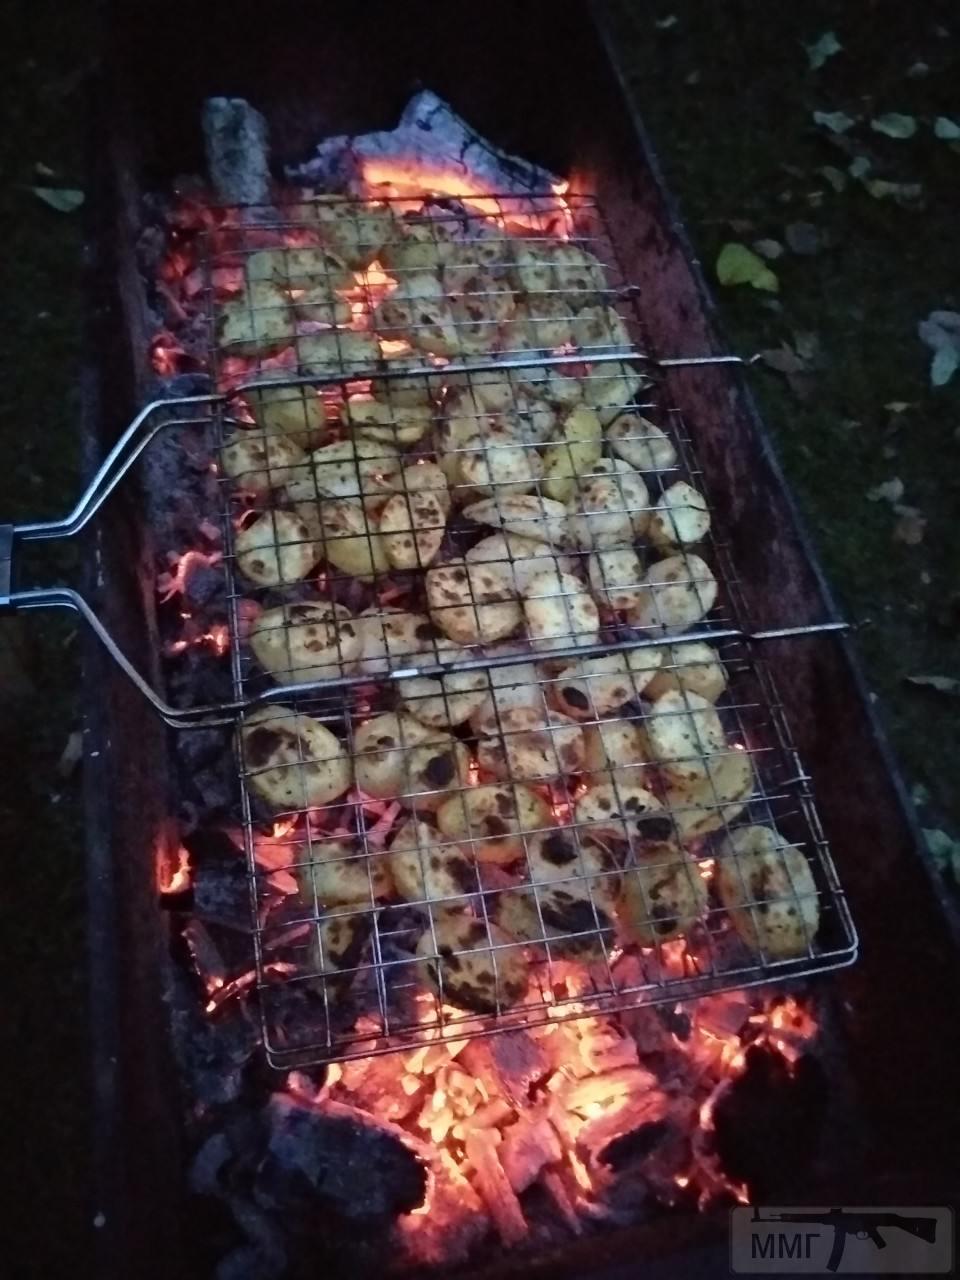 77725 - Закуски на огне (мангал, барбекю и т.д.) и кулинария вообще. Советы и рецепты.